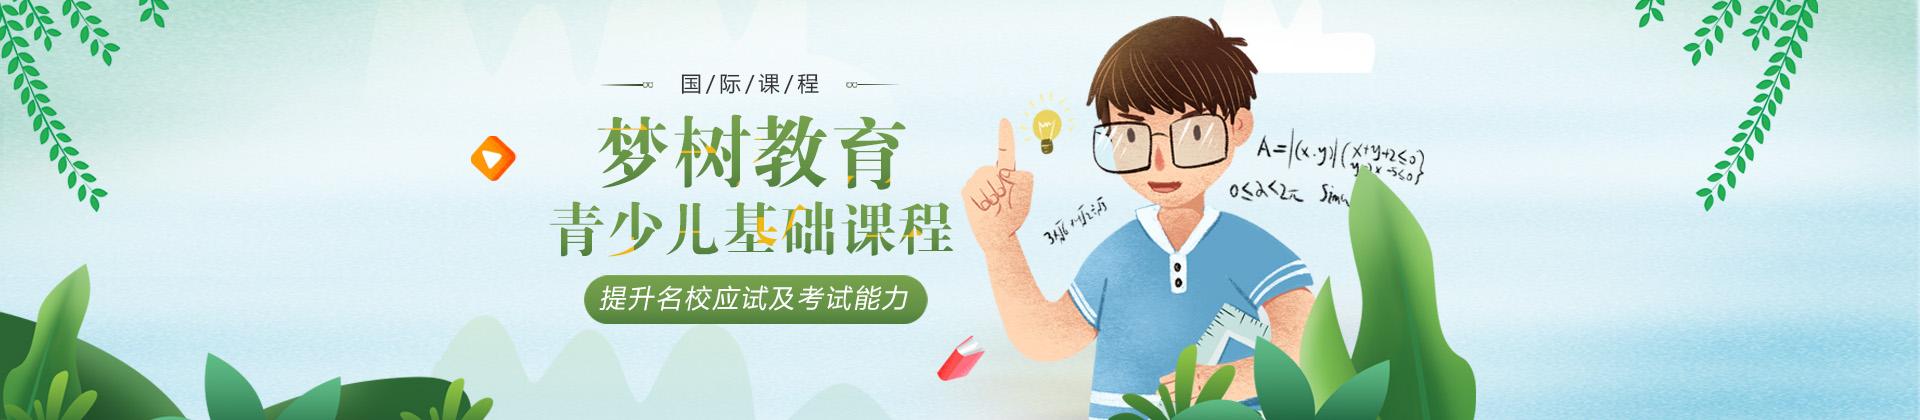 上海夢樹教育